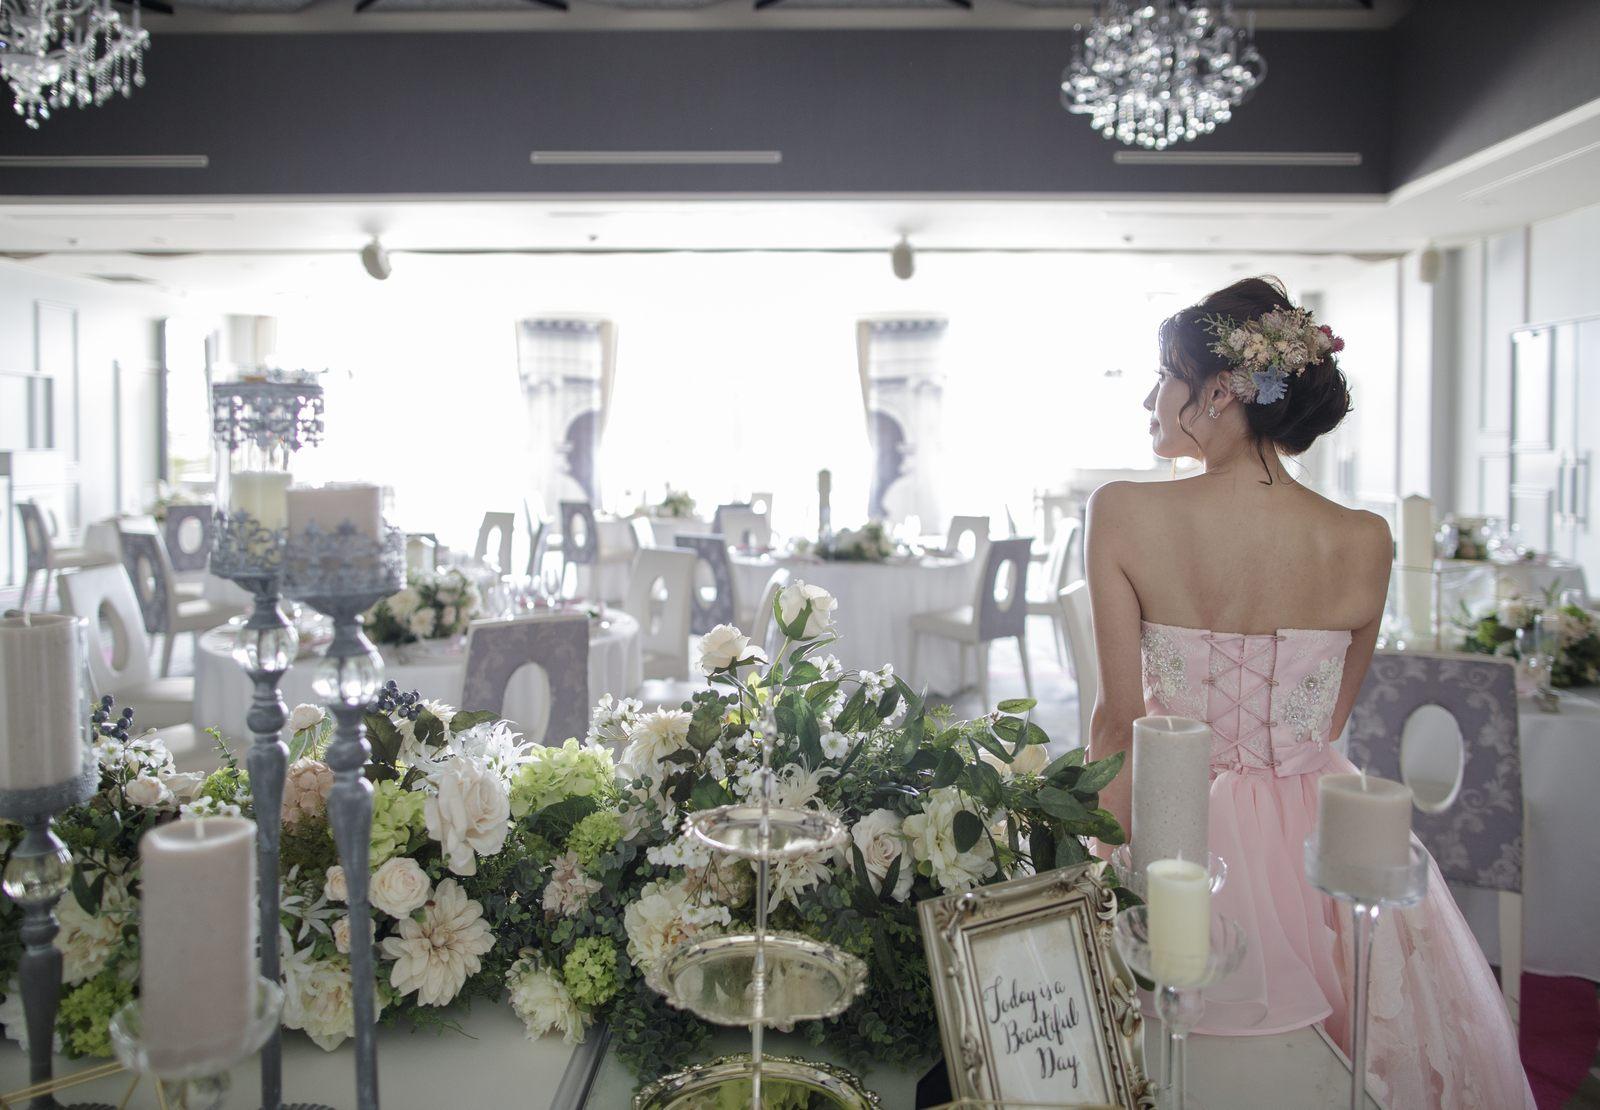 徳島県の結婚式場ブランアンジュのメインテーブルからの眺め